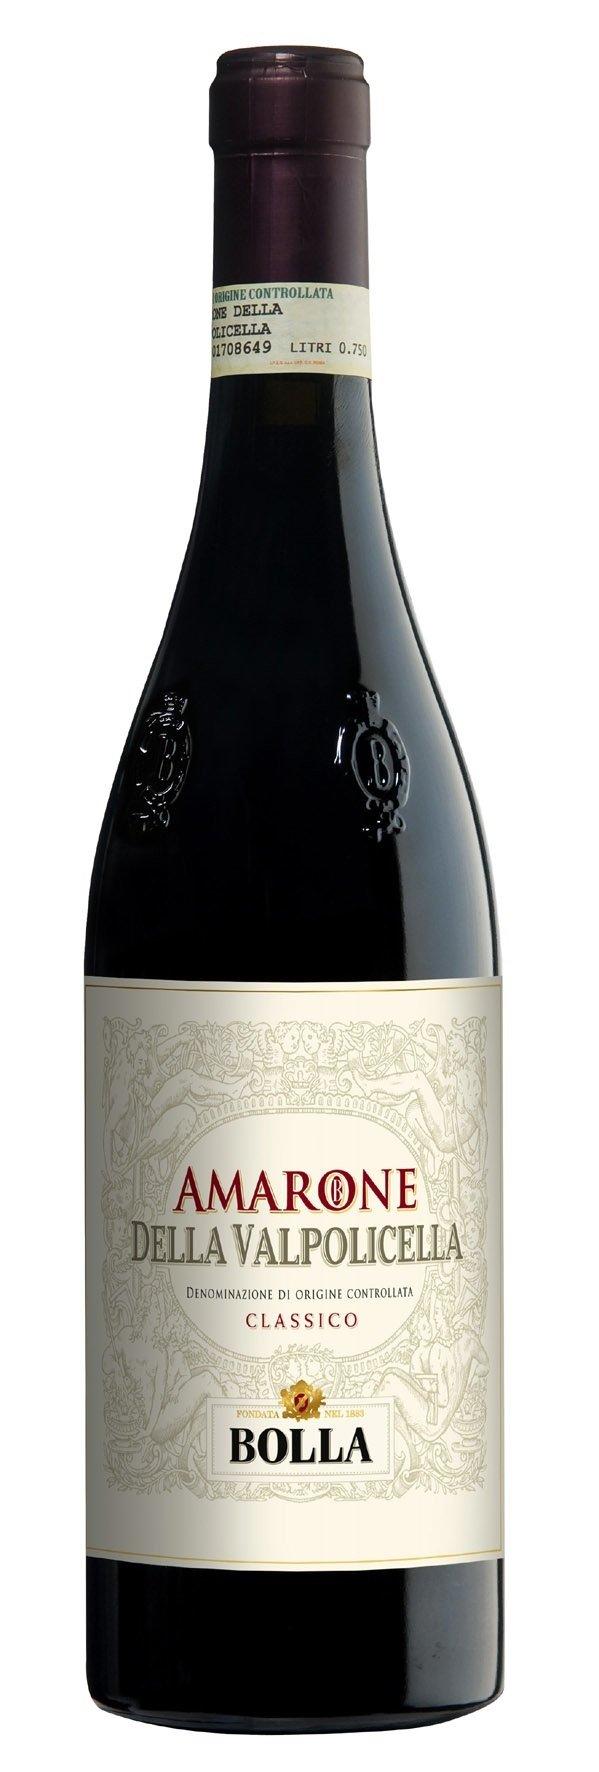 6x-075l-2013er-Bolla-Amarone-della-Valpolicella-Classico-DOCG-Veneto-Italien-Rotwein-trocken